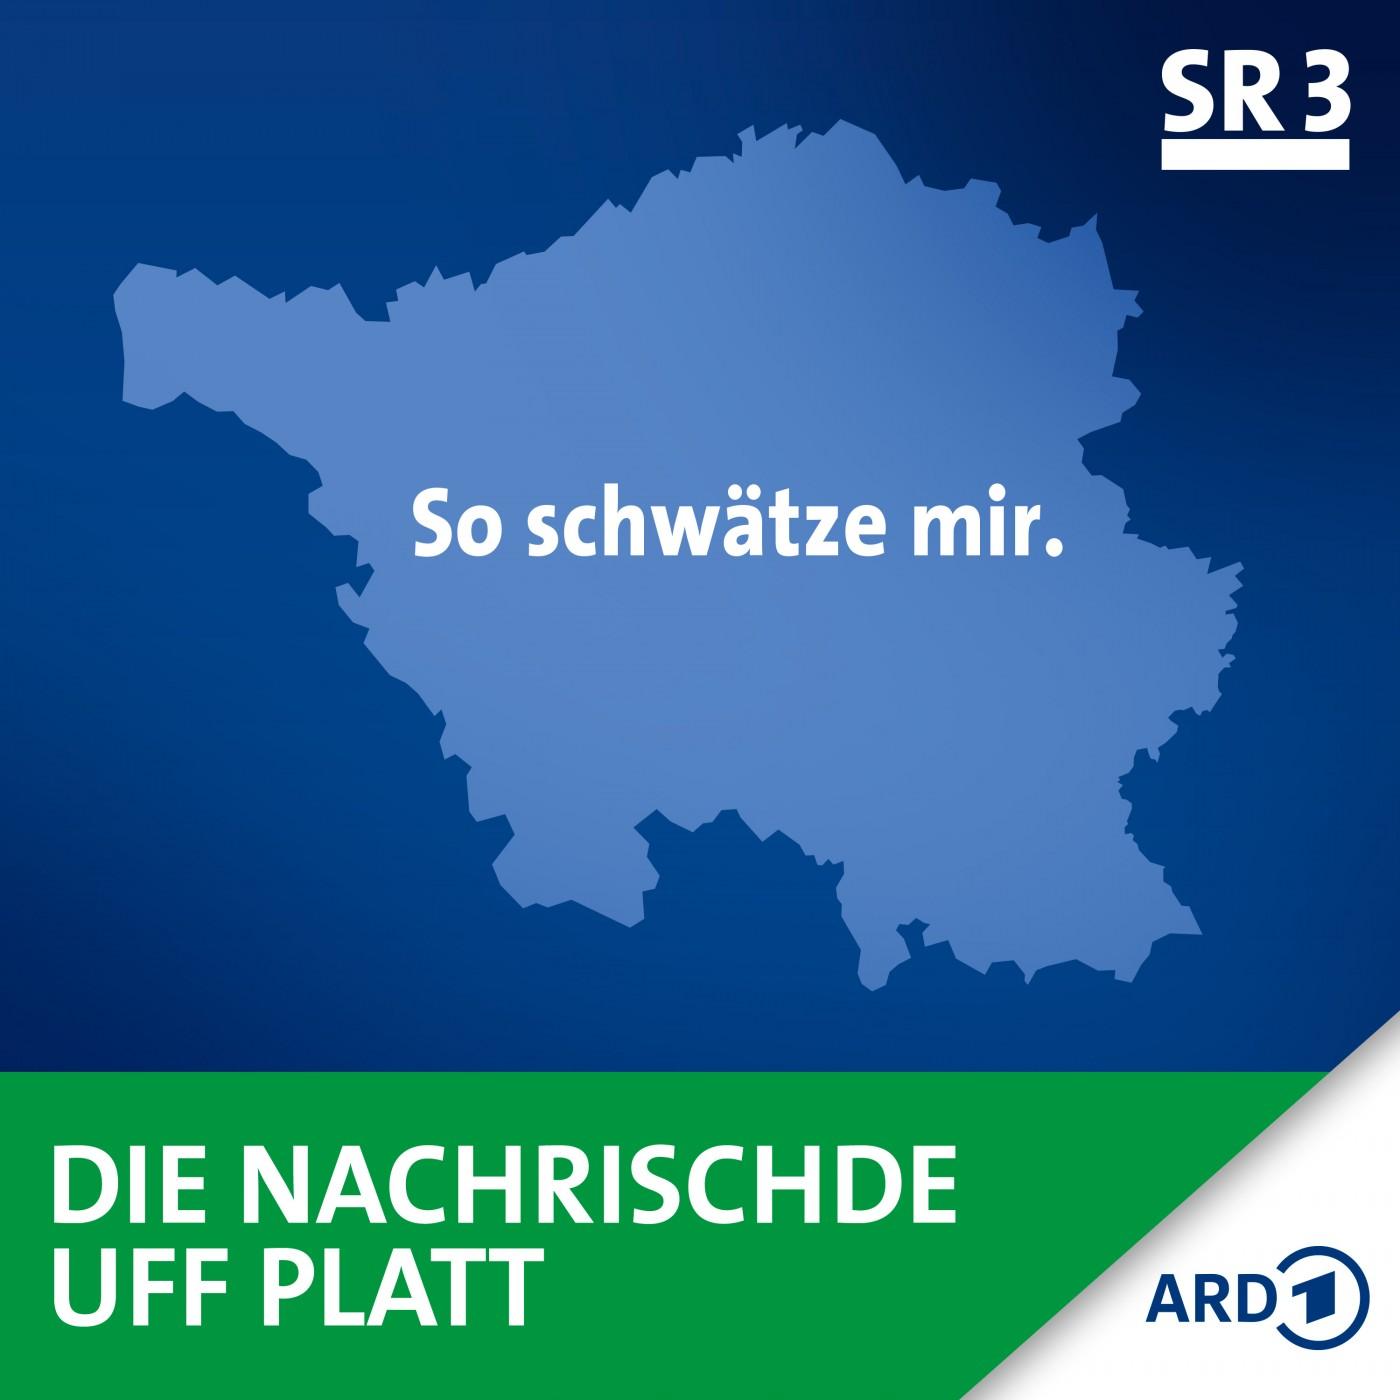 SR 3 - Nachrischde uff platt